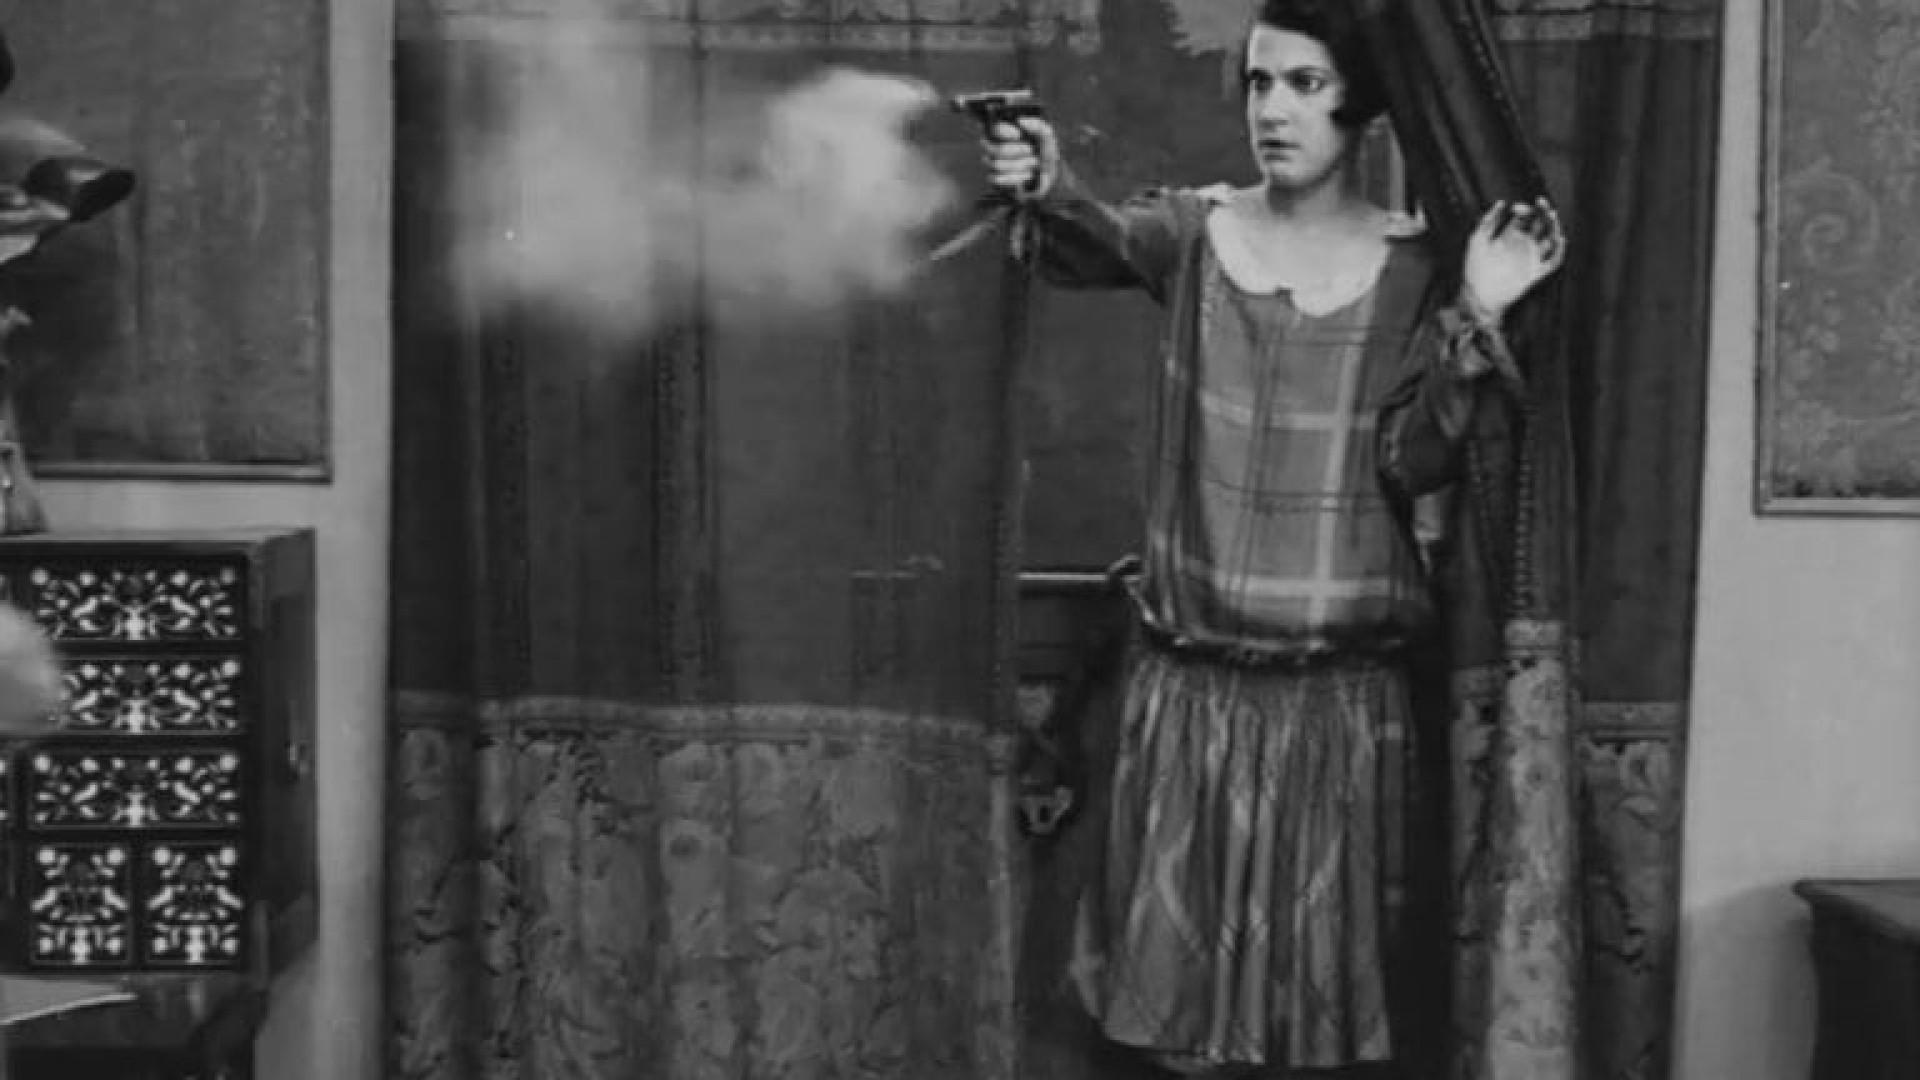 Filme mudo de Reinaldo Ferreira exibido em outubro em França